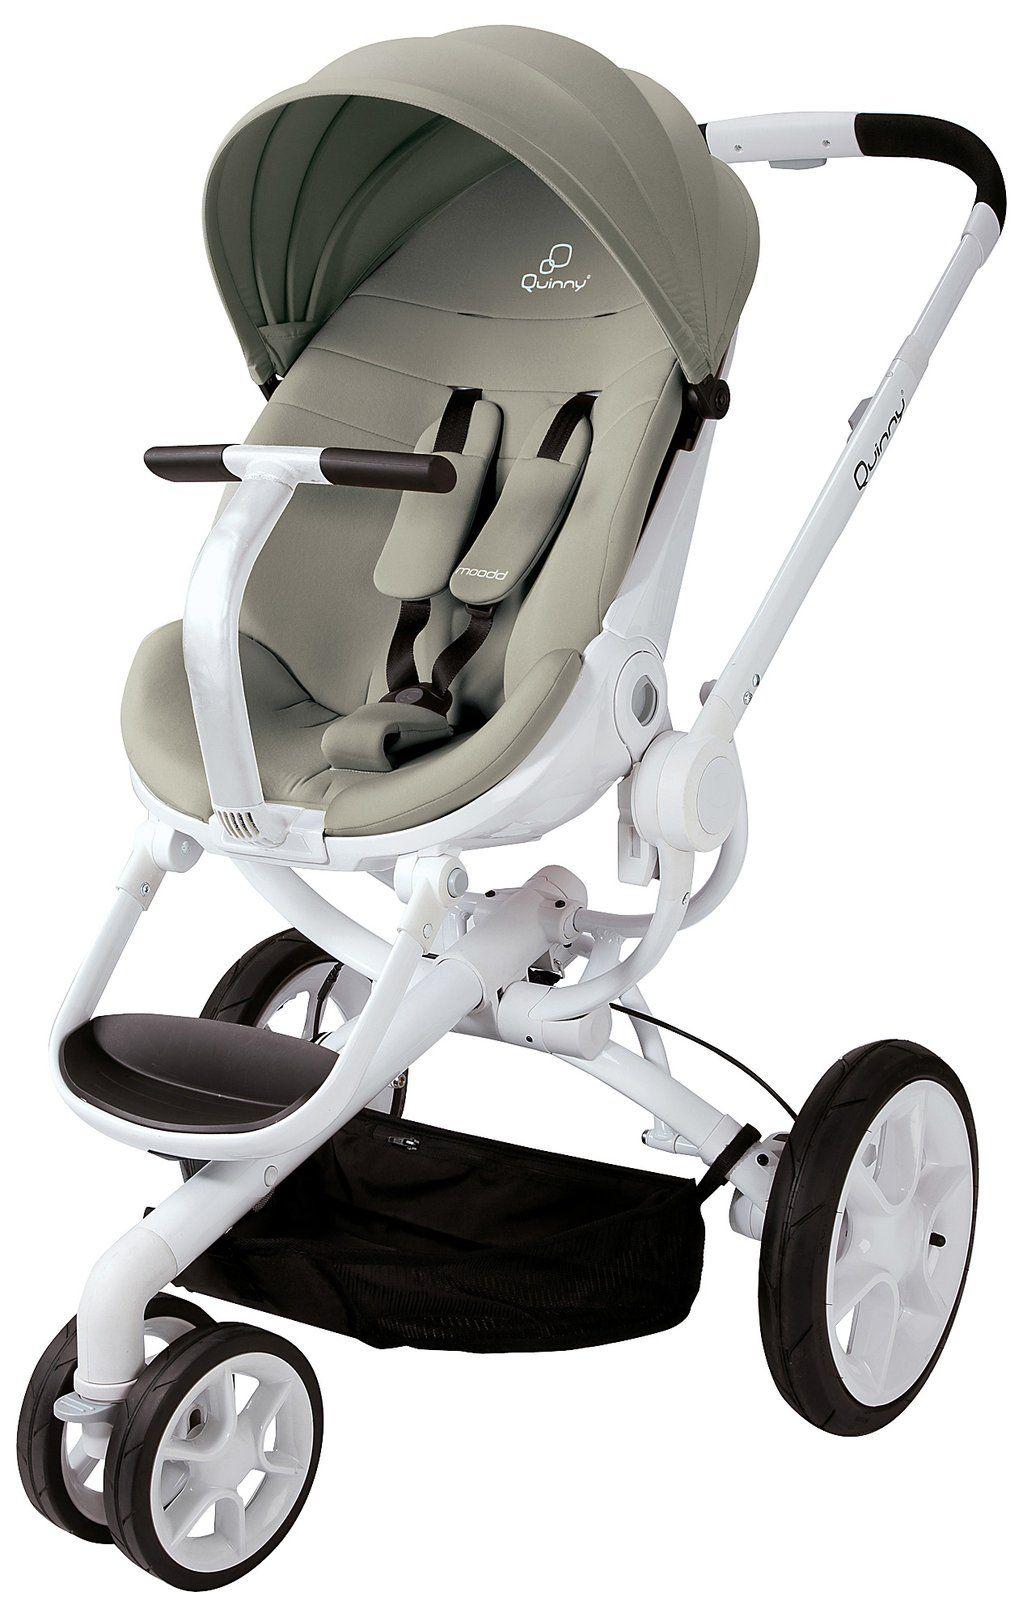 44+ Quinny buzz stroller shopping basket ideas